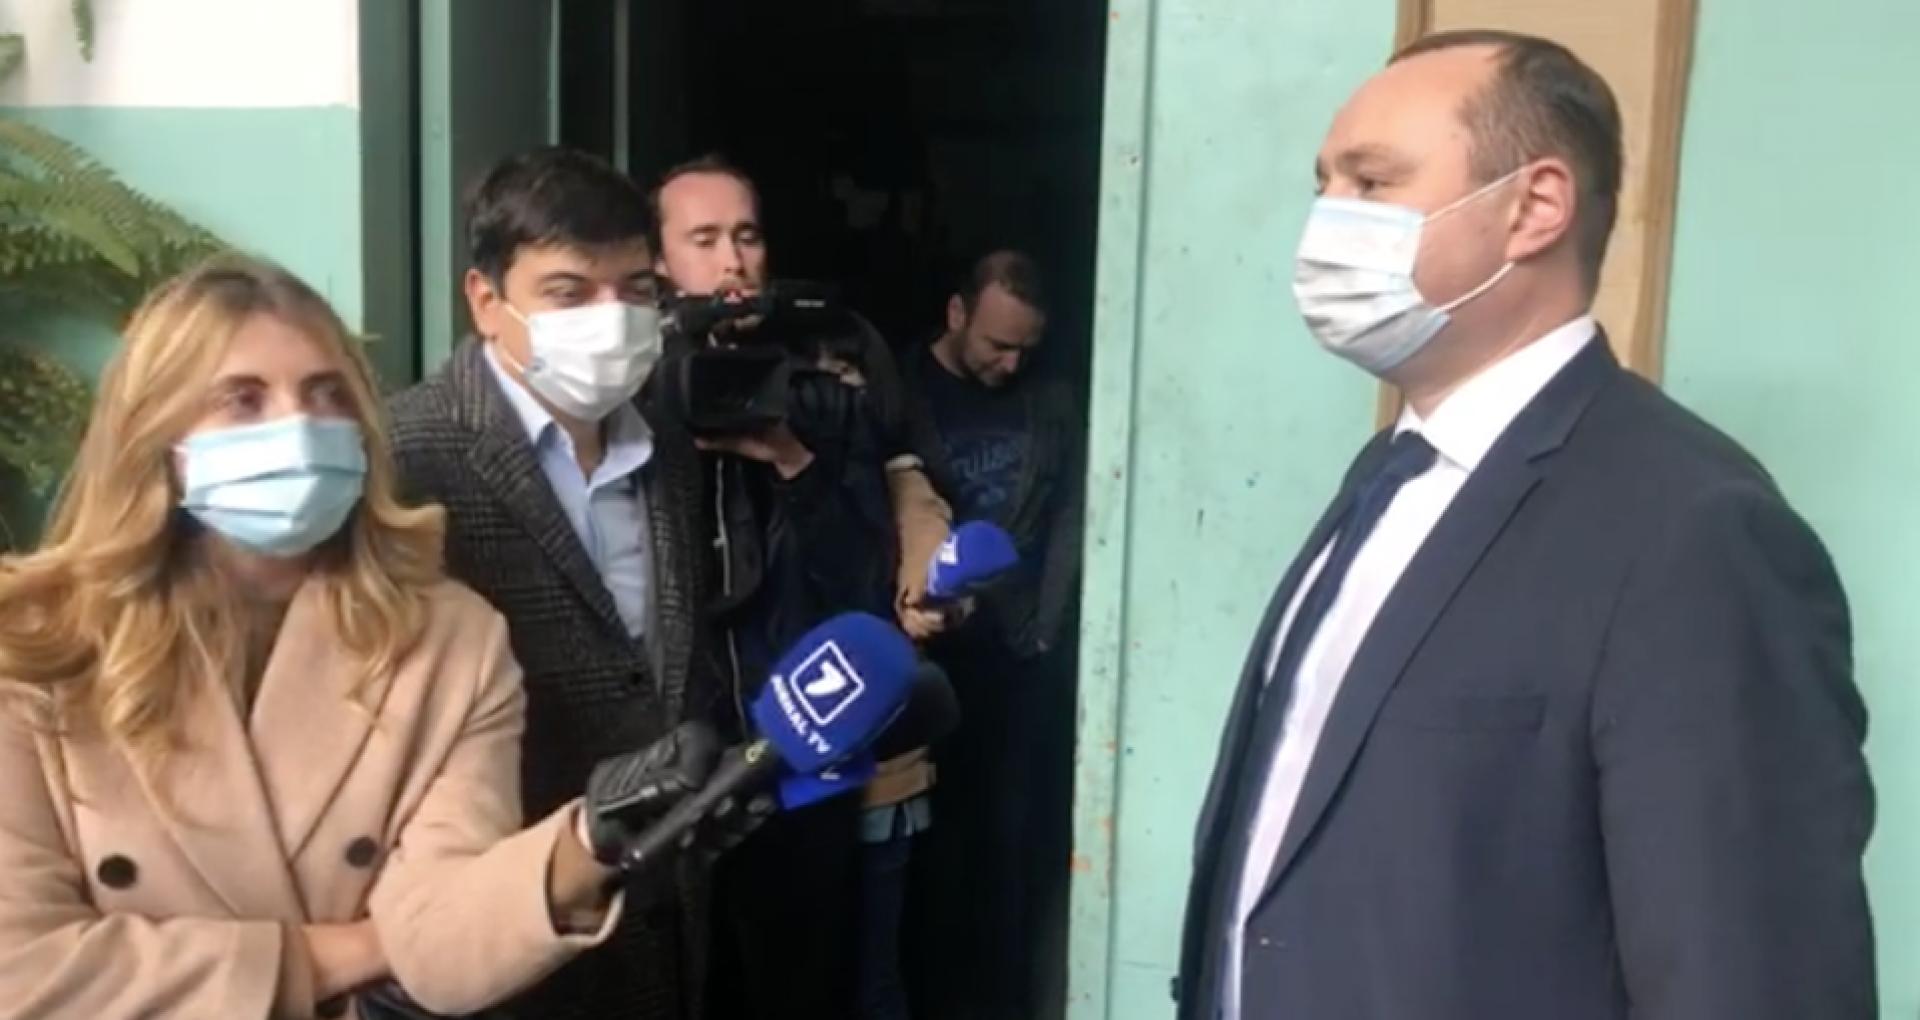 Stafful lui Igor Dodon condamnă evenimentele de la tipografia Universul: Este o acțiune ilegală de blocare a materialelor cu caracter  electoral, organizată de către reprezentanții oponentului